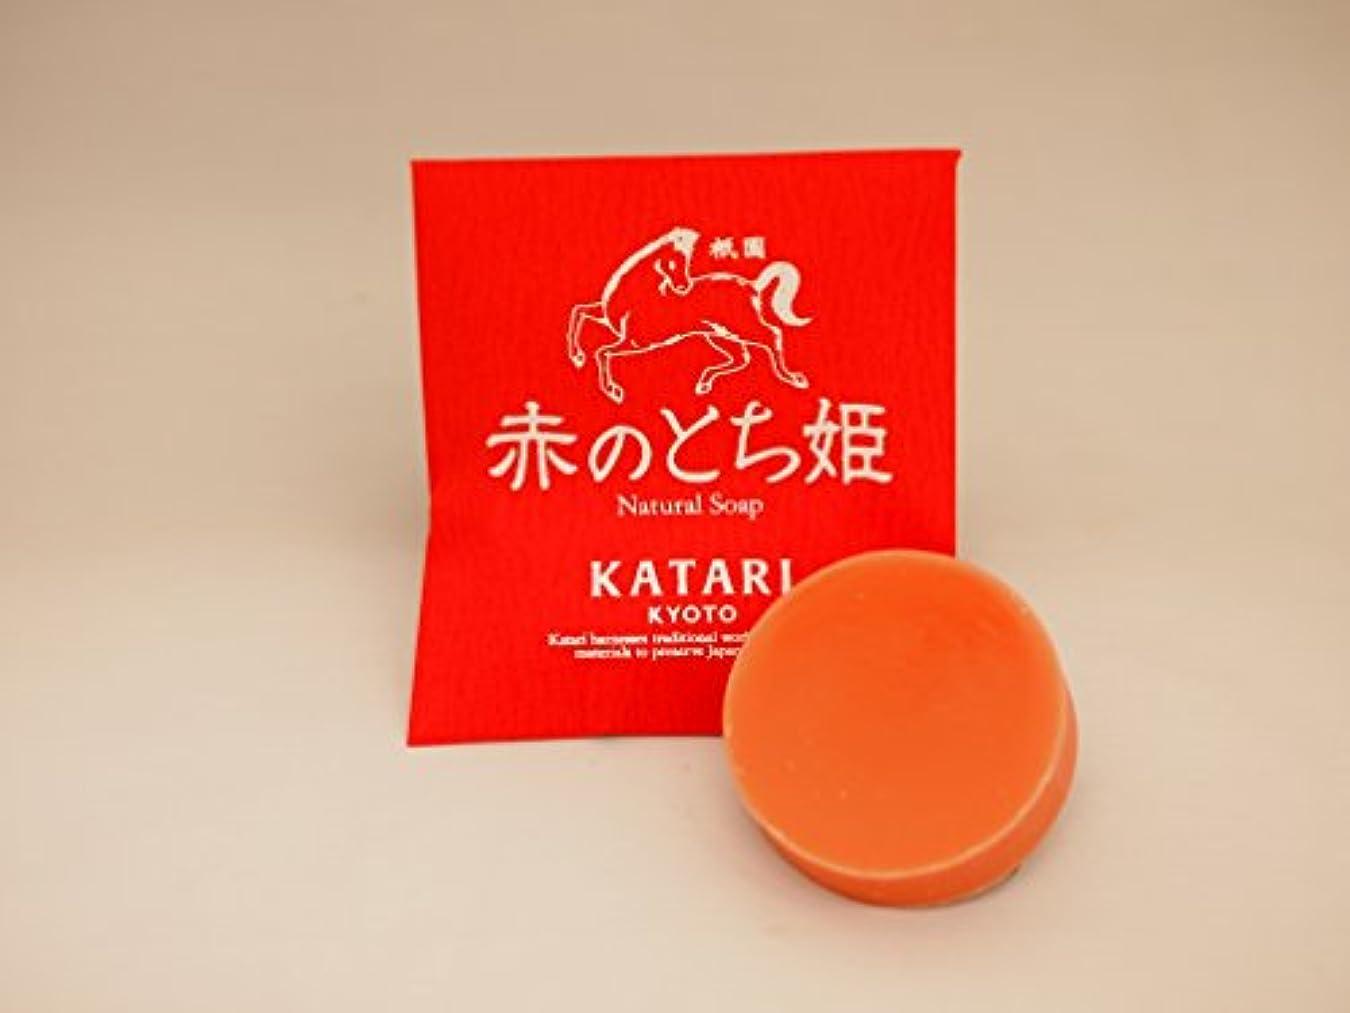 ホイットニー羽耐えられない寿製菓 せっけん 無添加 赤のとち姫 80グラム